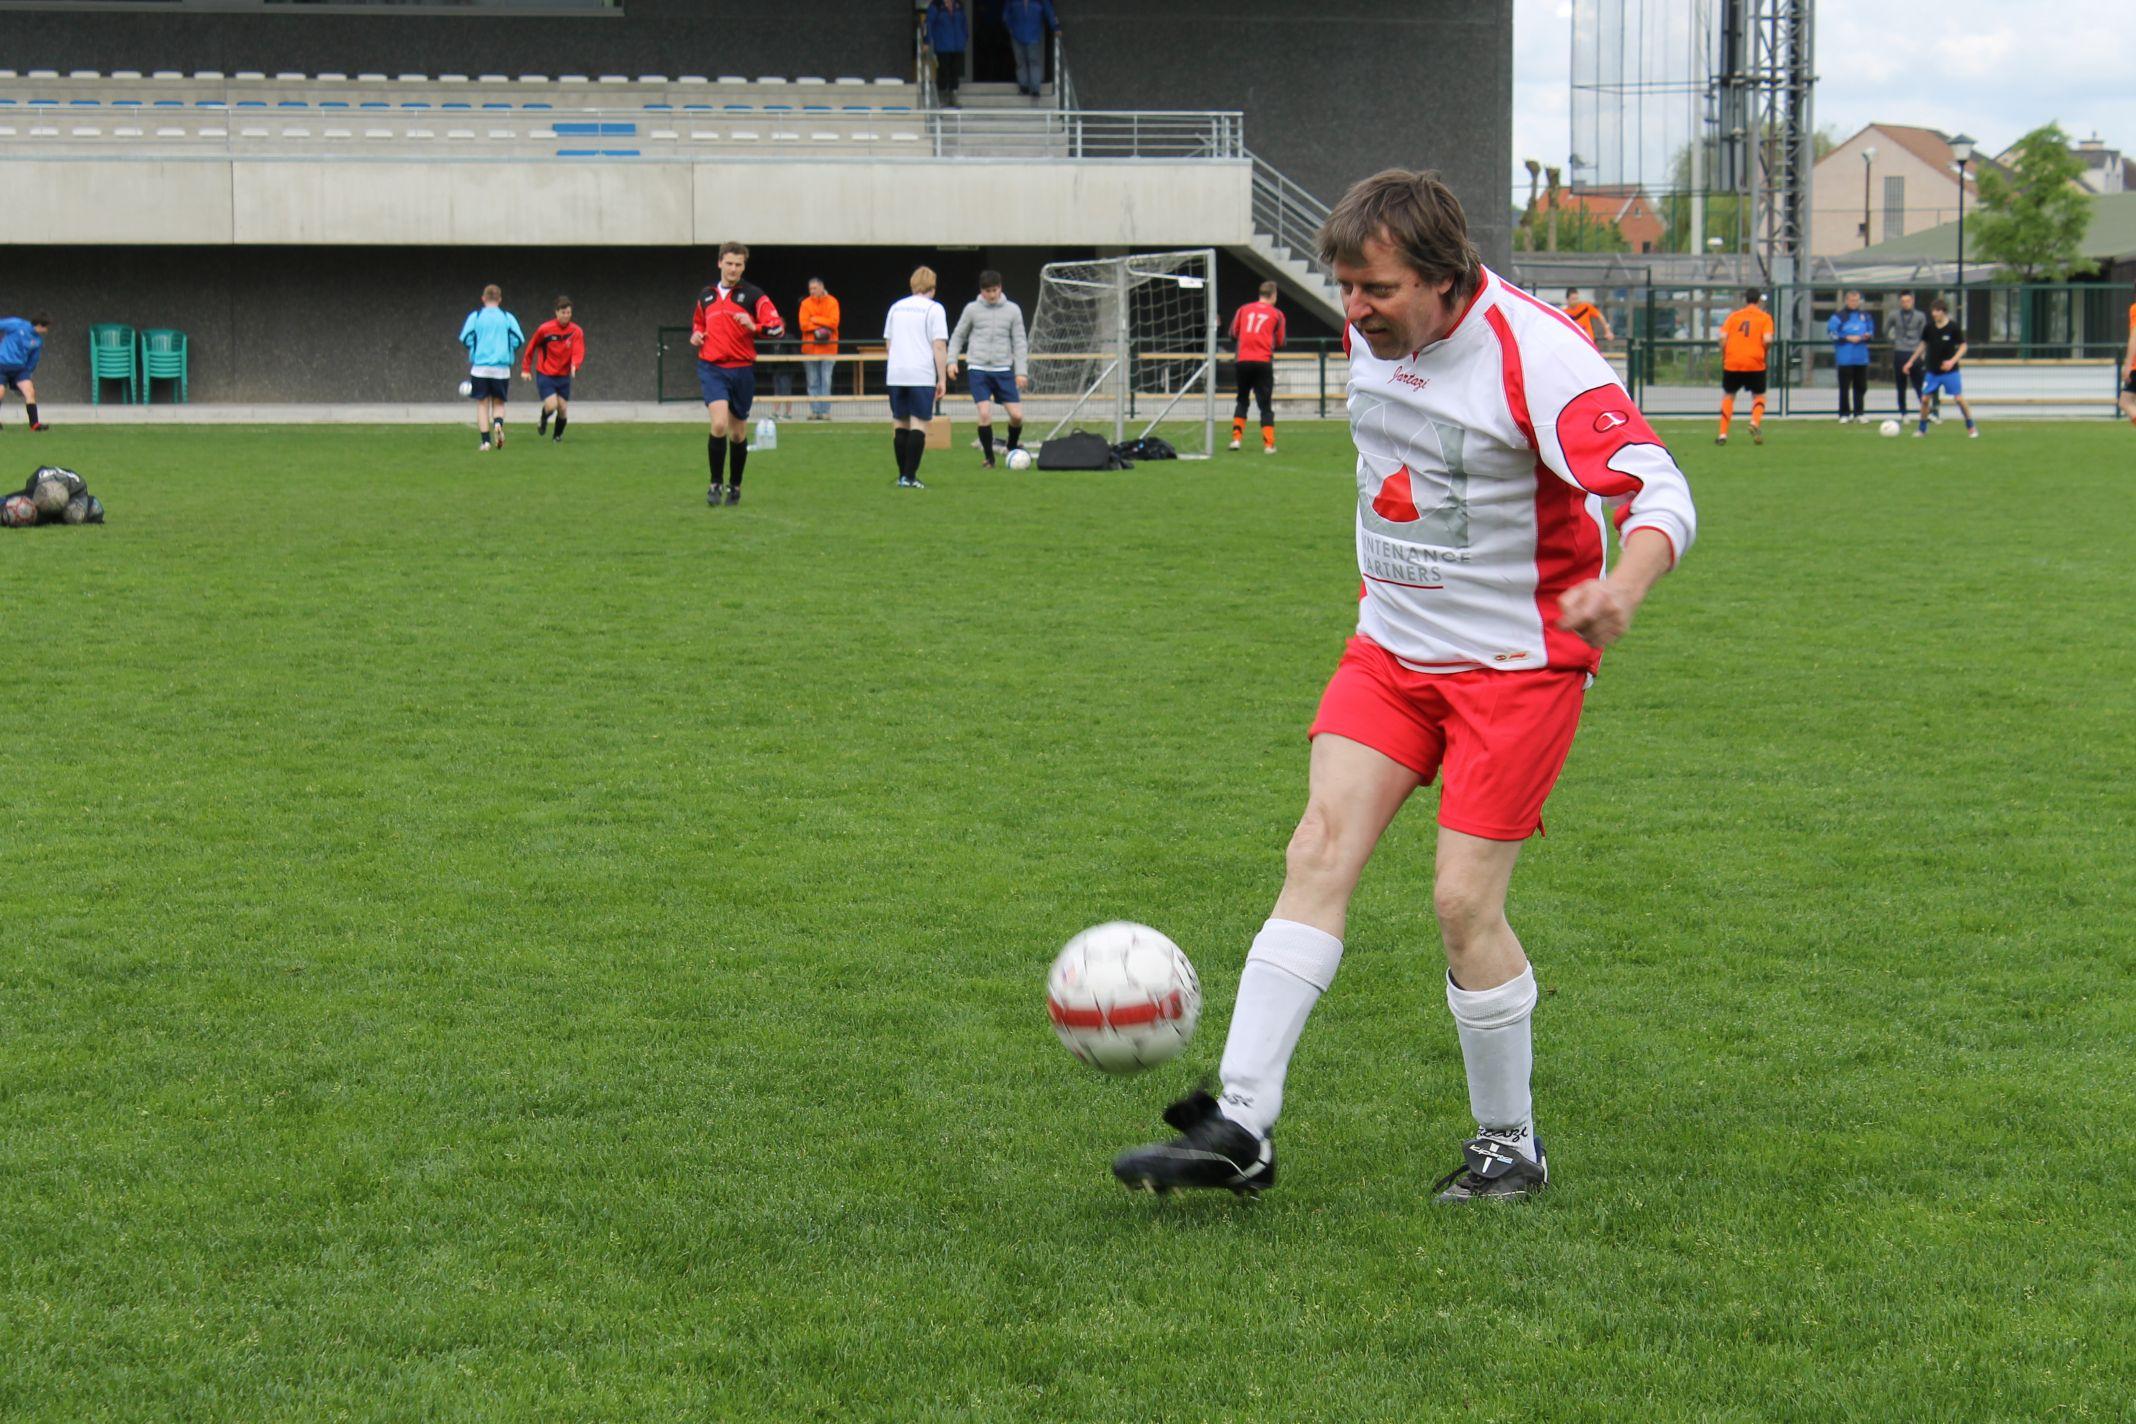 voetbal-2012-007